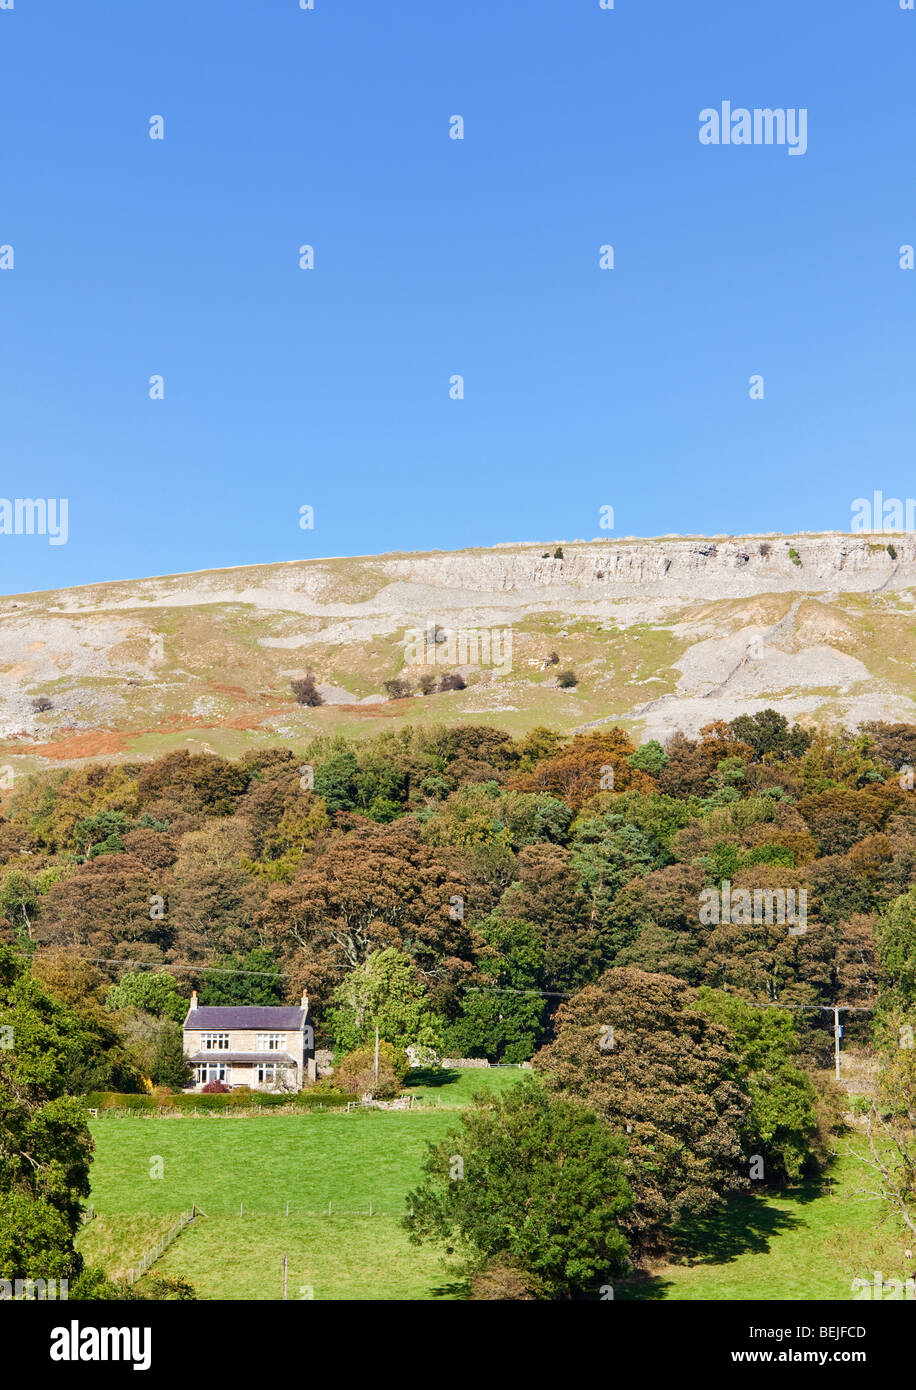 House on hillside under Fremington Edge in Swaledale, Yorkshire Dales, England, UK - Stock Image